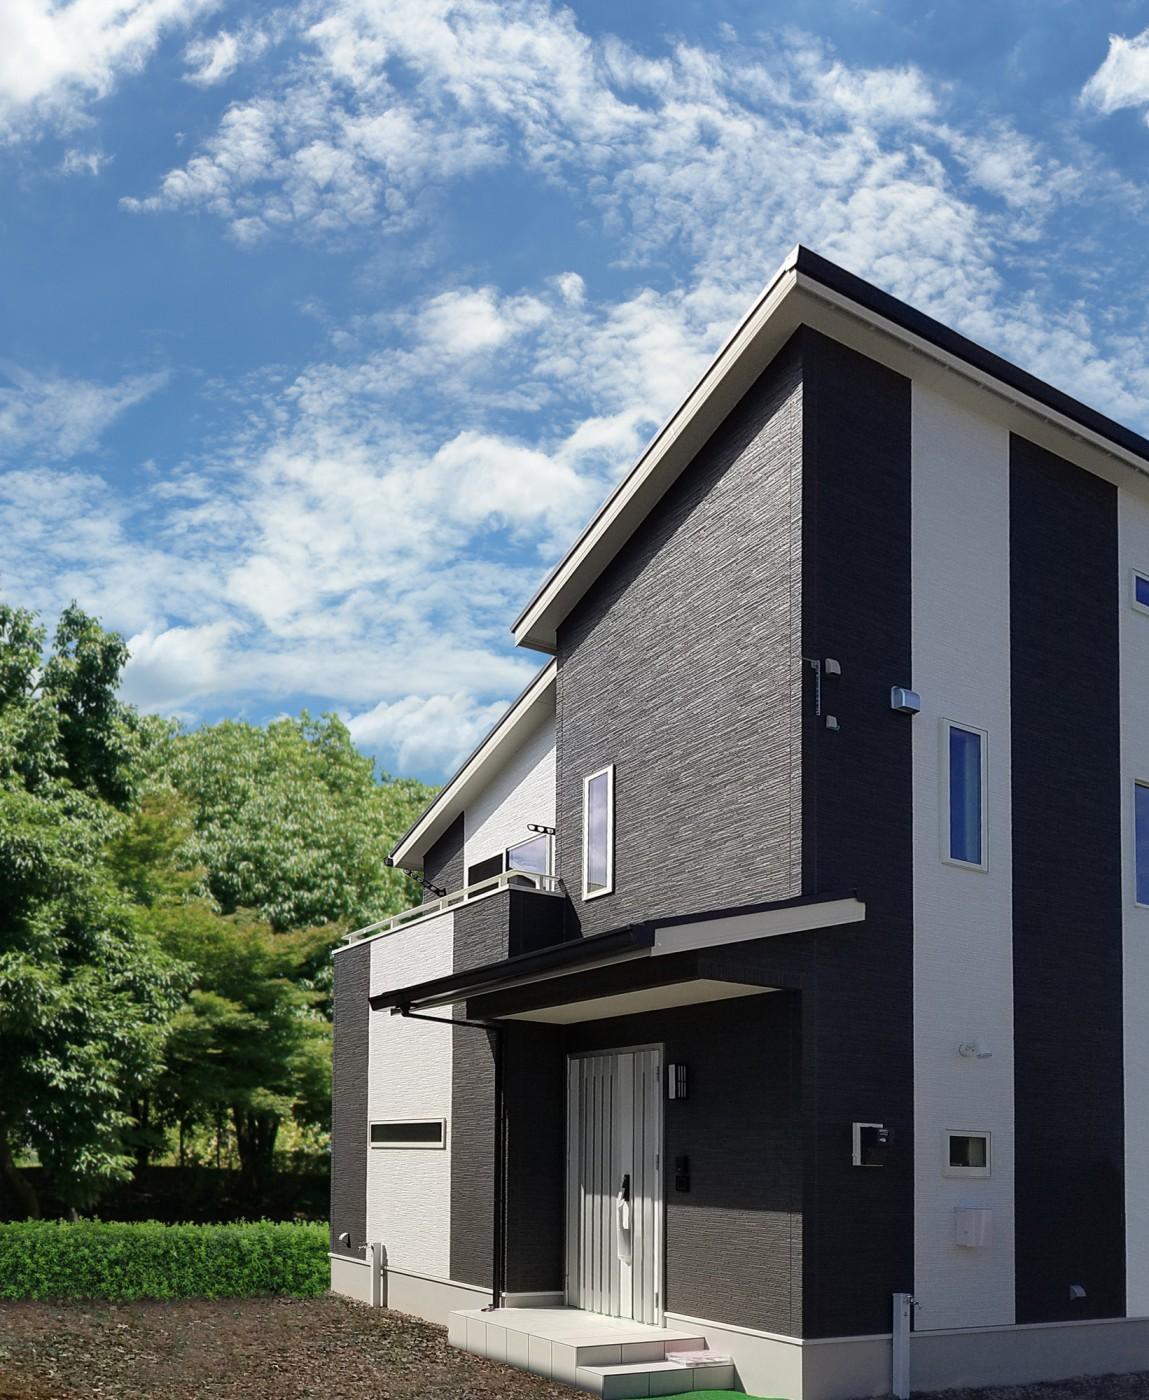 メインの黒と縦ラインのアクセントの白と片流れ屋根がシャープでモダンな建物を演出しています。